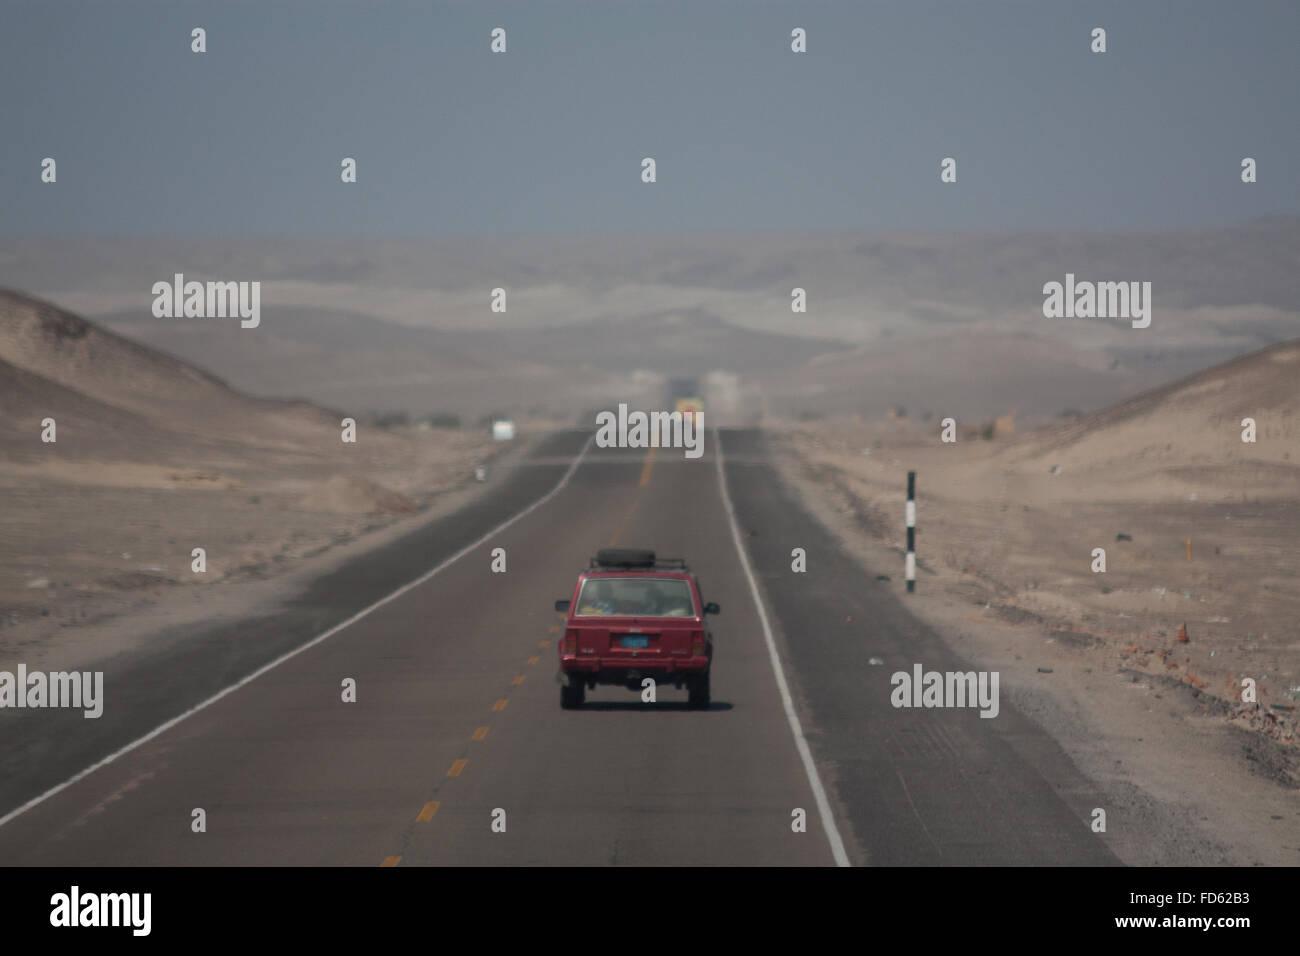 Car On Desert Road - Stock Image